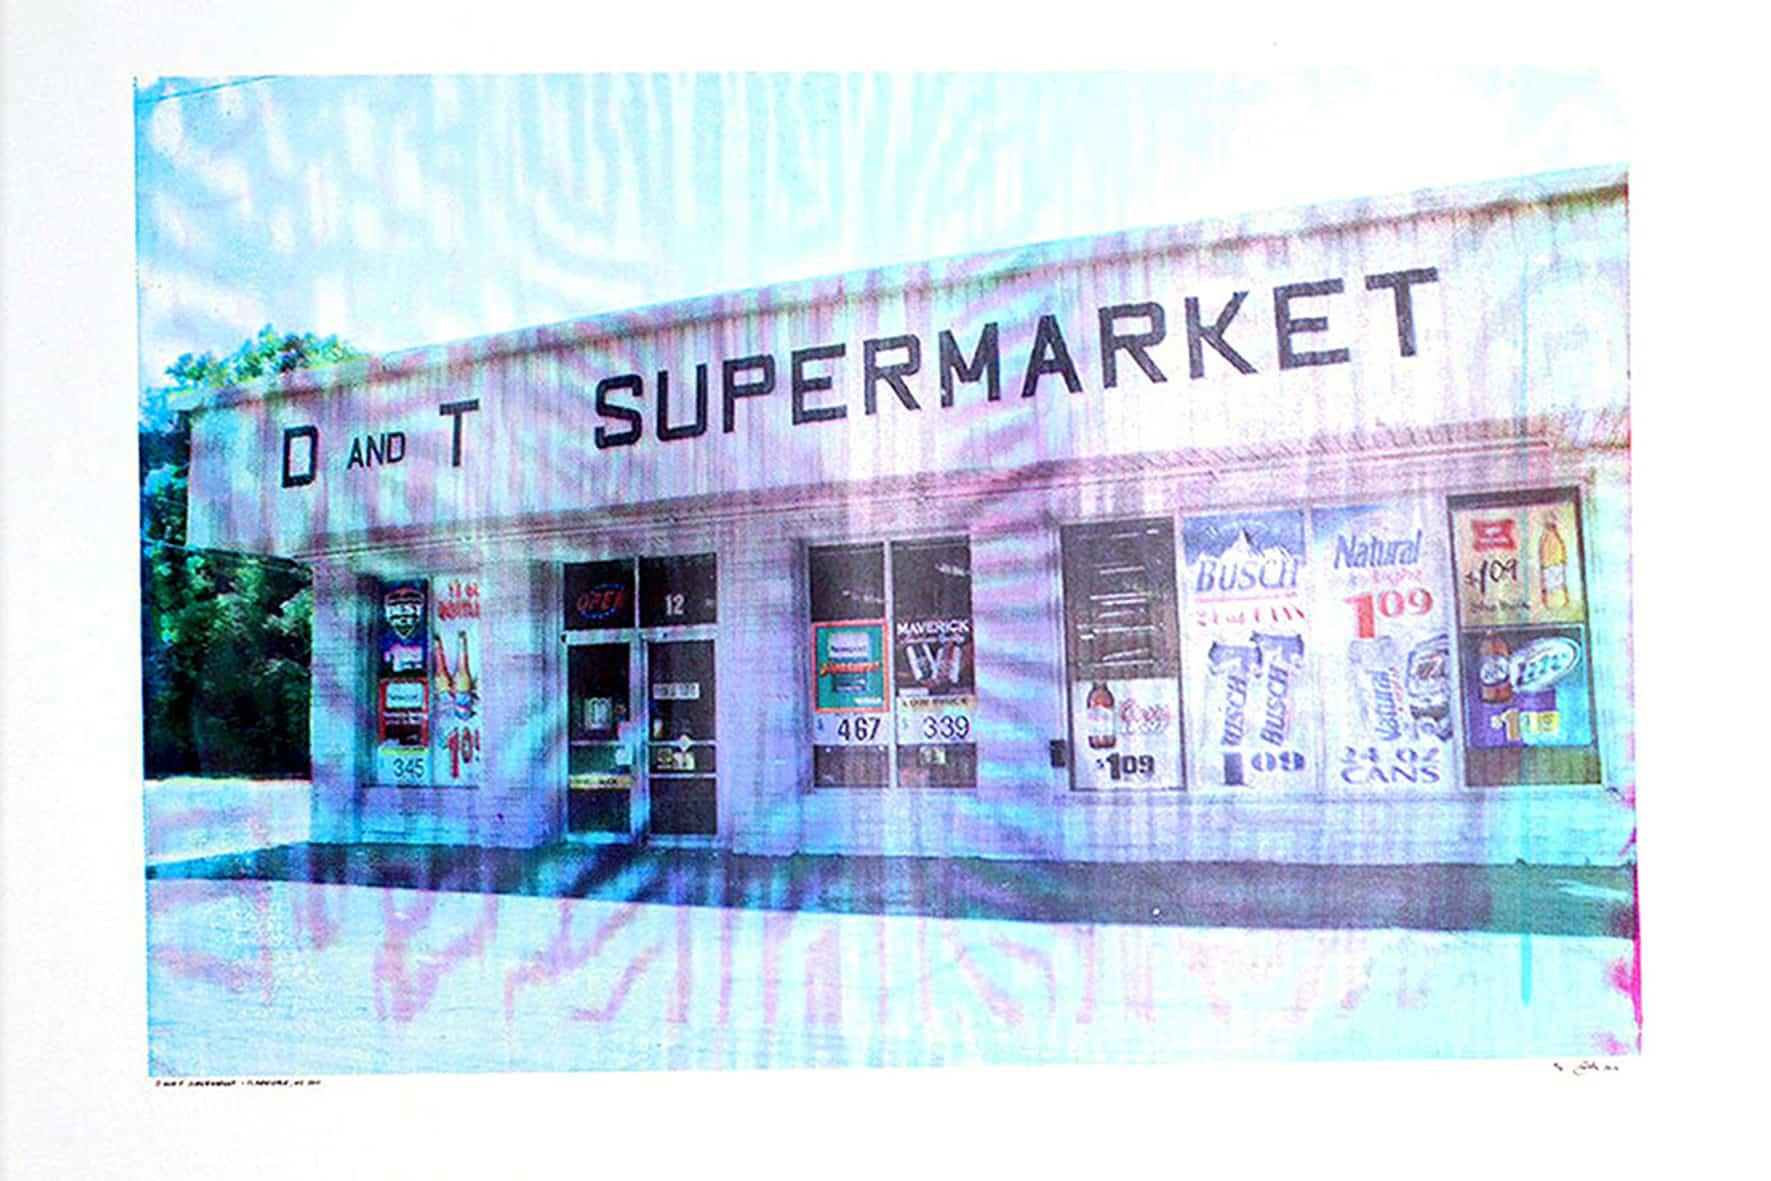 D&T Supermarket, Clarksdale Mississippi